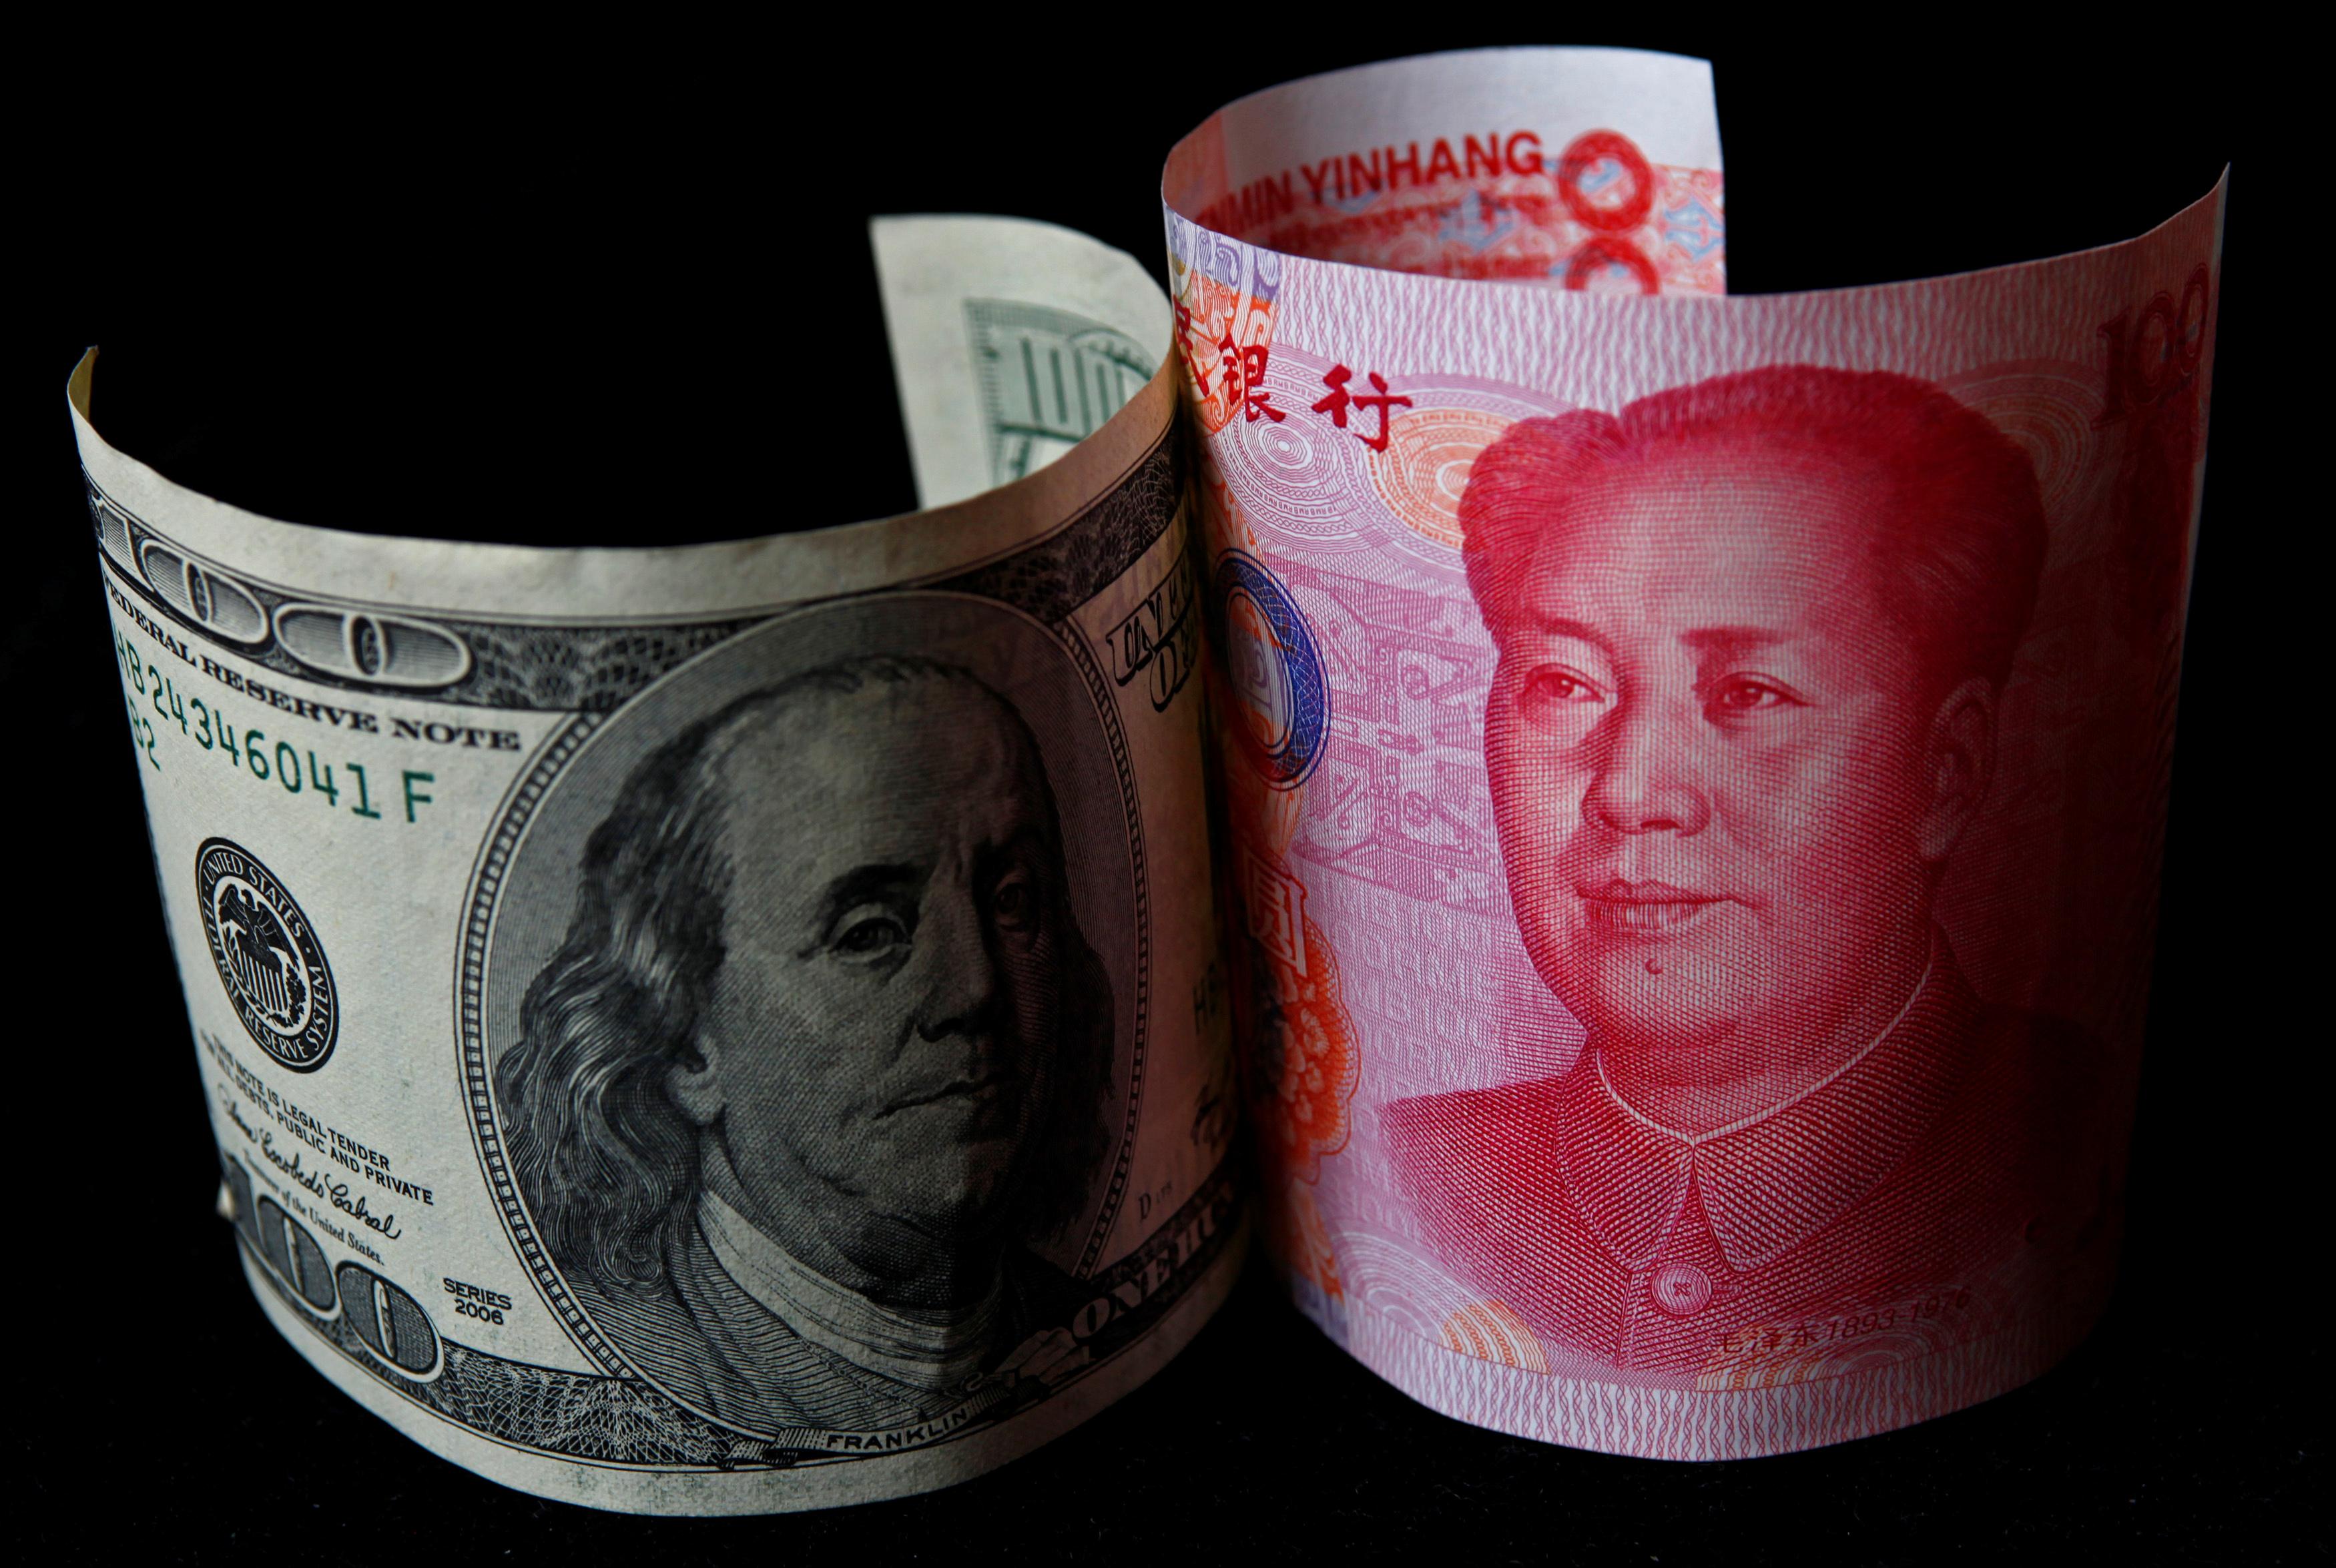 Συμβιβασμό στον εμπορικό πόλεμο ΗΠΑ – Κίνας βλέπει ο Κινέζος πρώην ΥΠΟΙΚ